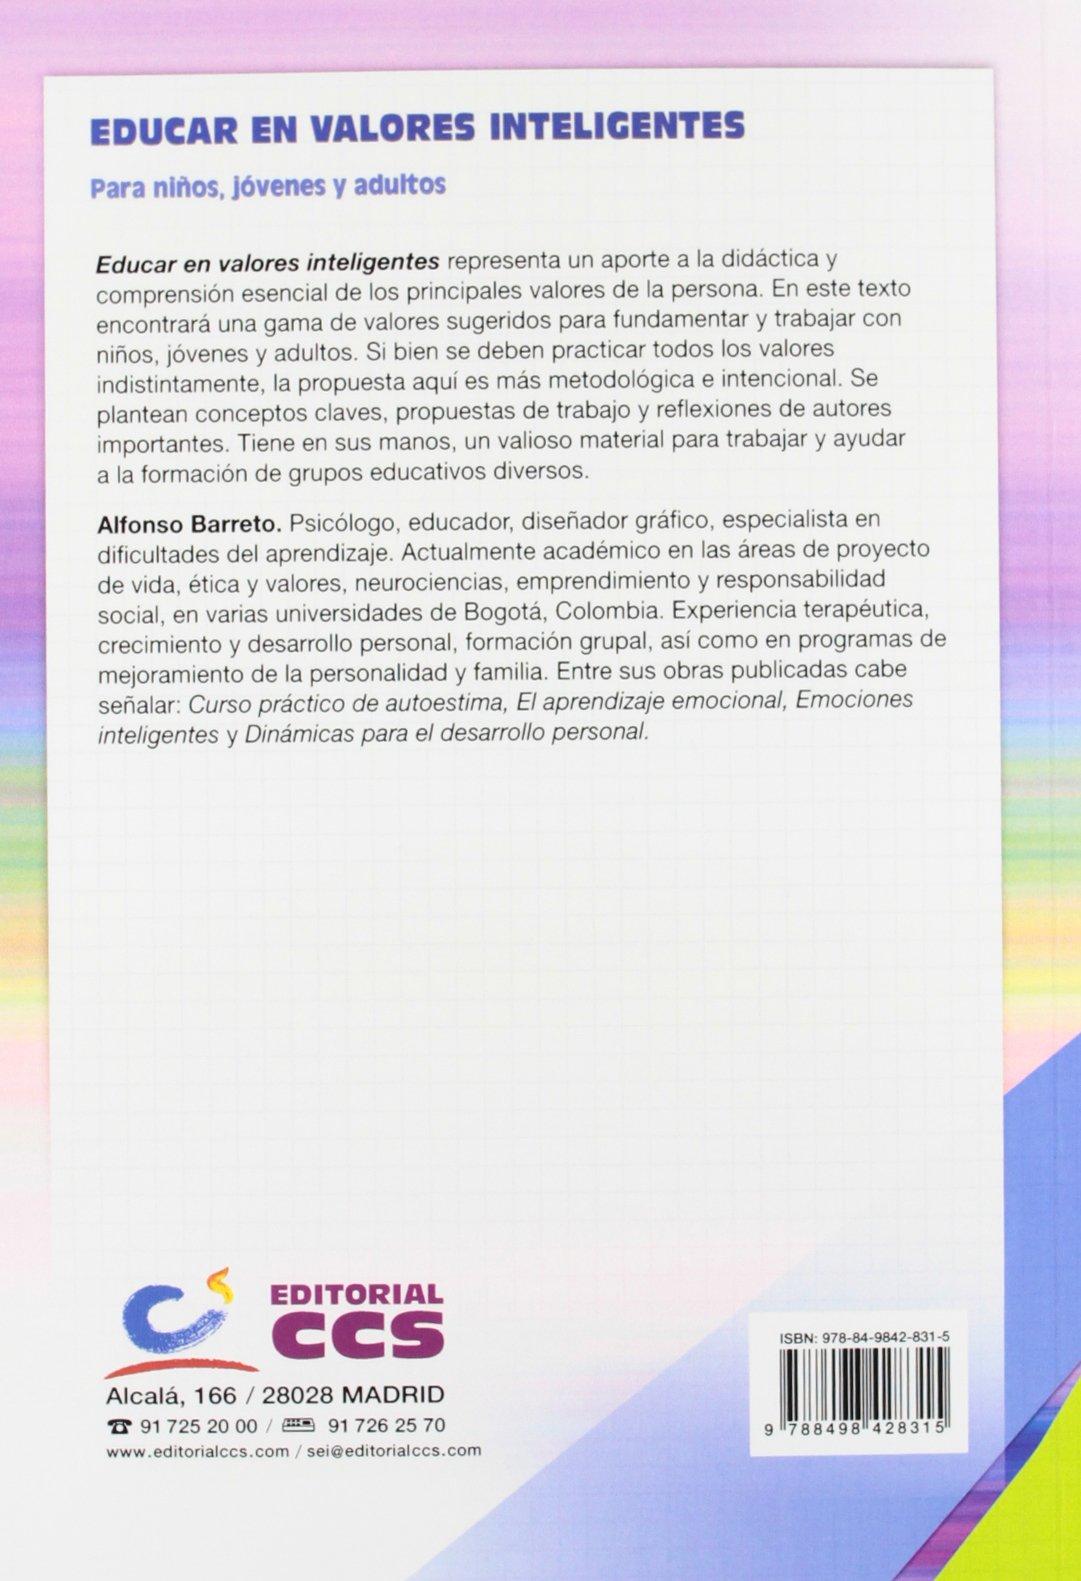 Educar en valores inteligentes: Para niños, jóvenes y adultos Materiales para educadores: Amazon.es: Alfonso Barreto Nieto: Libros